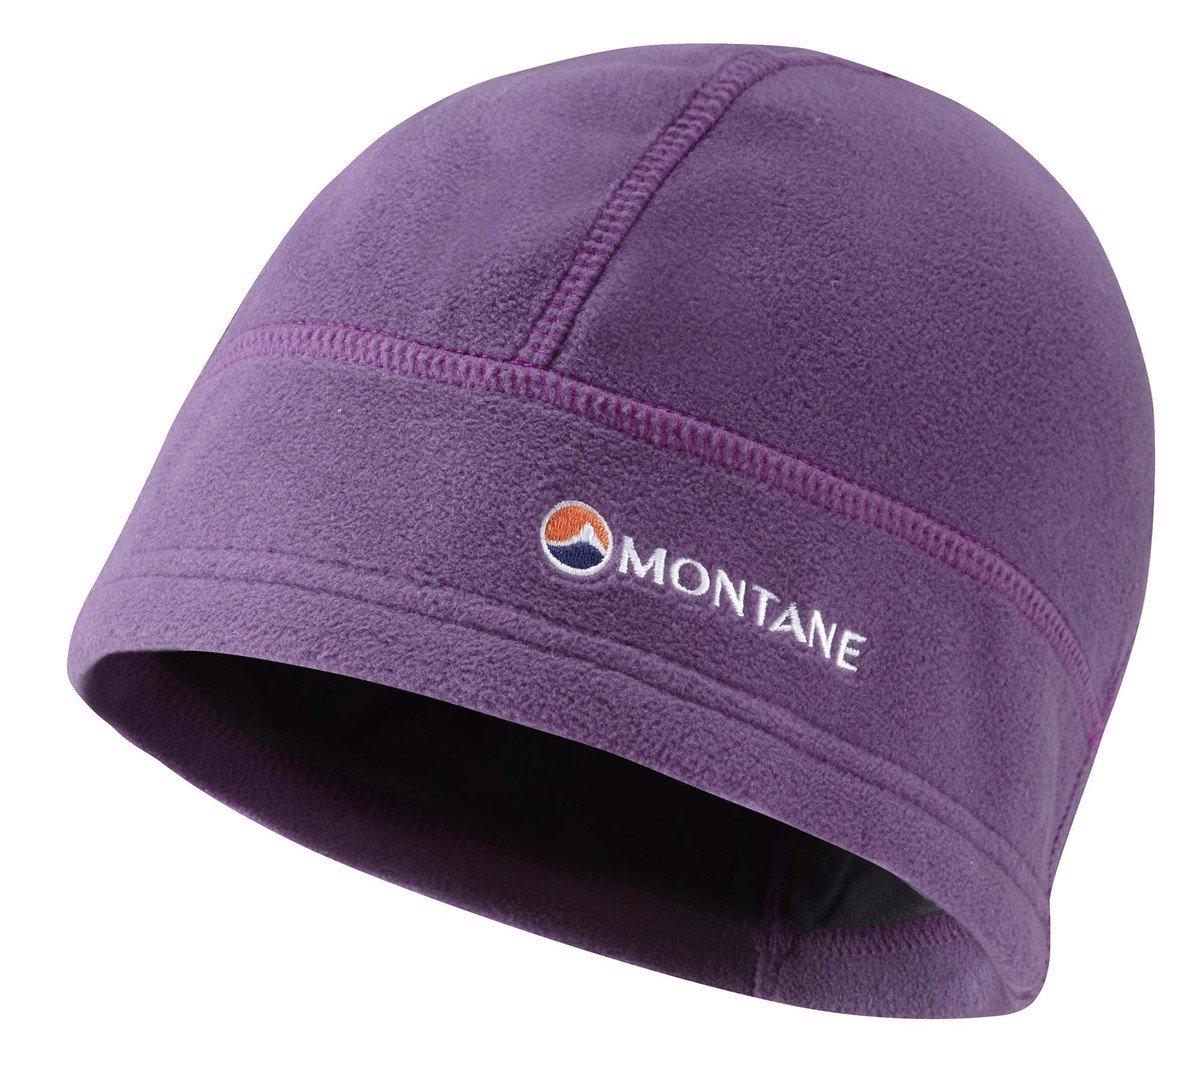 英國抓毛保溫帽 TUUQ MICROFLEECE BEANIE -紫紅色